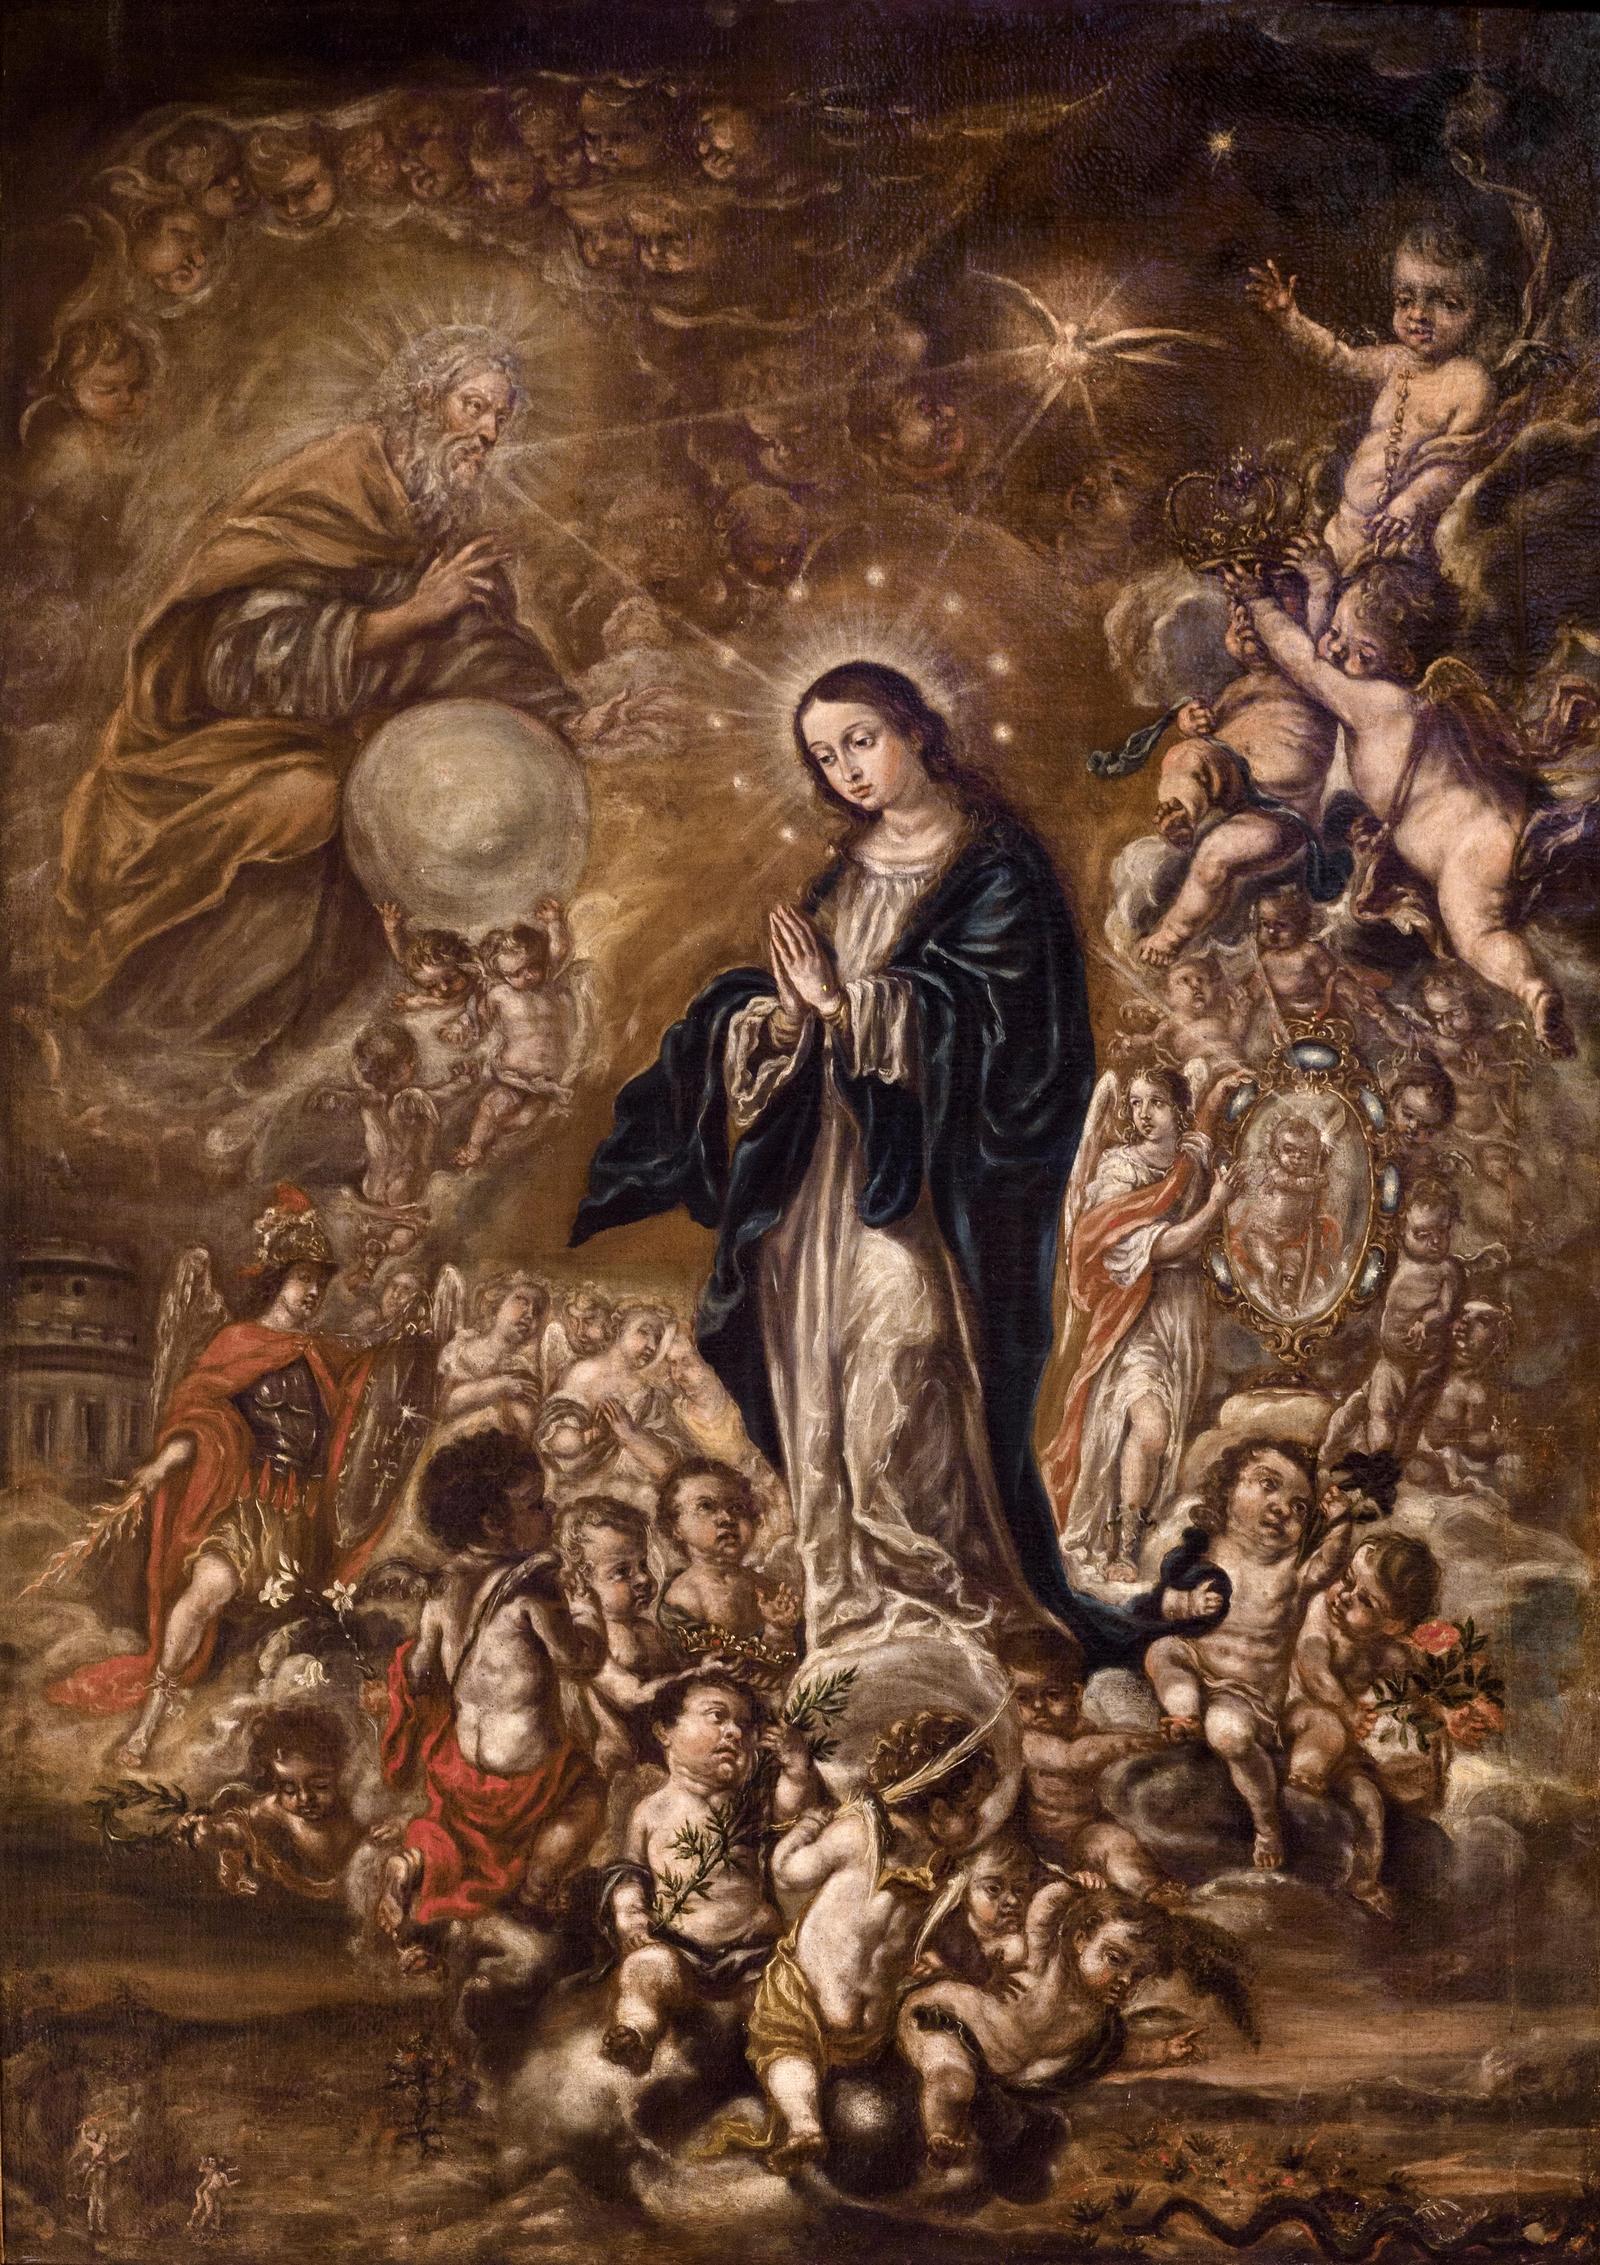 Cómo llegó la Iglesia Católica a Promulgar la Inmaculada Concepción de María